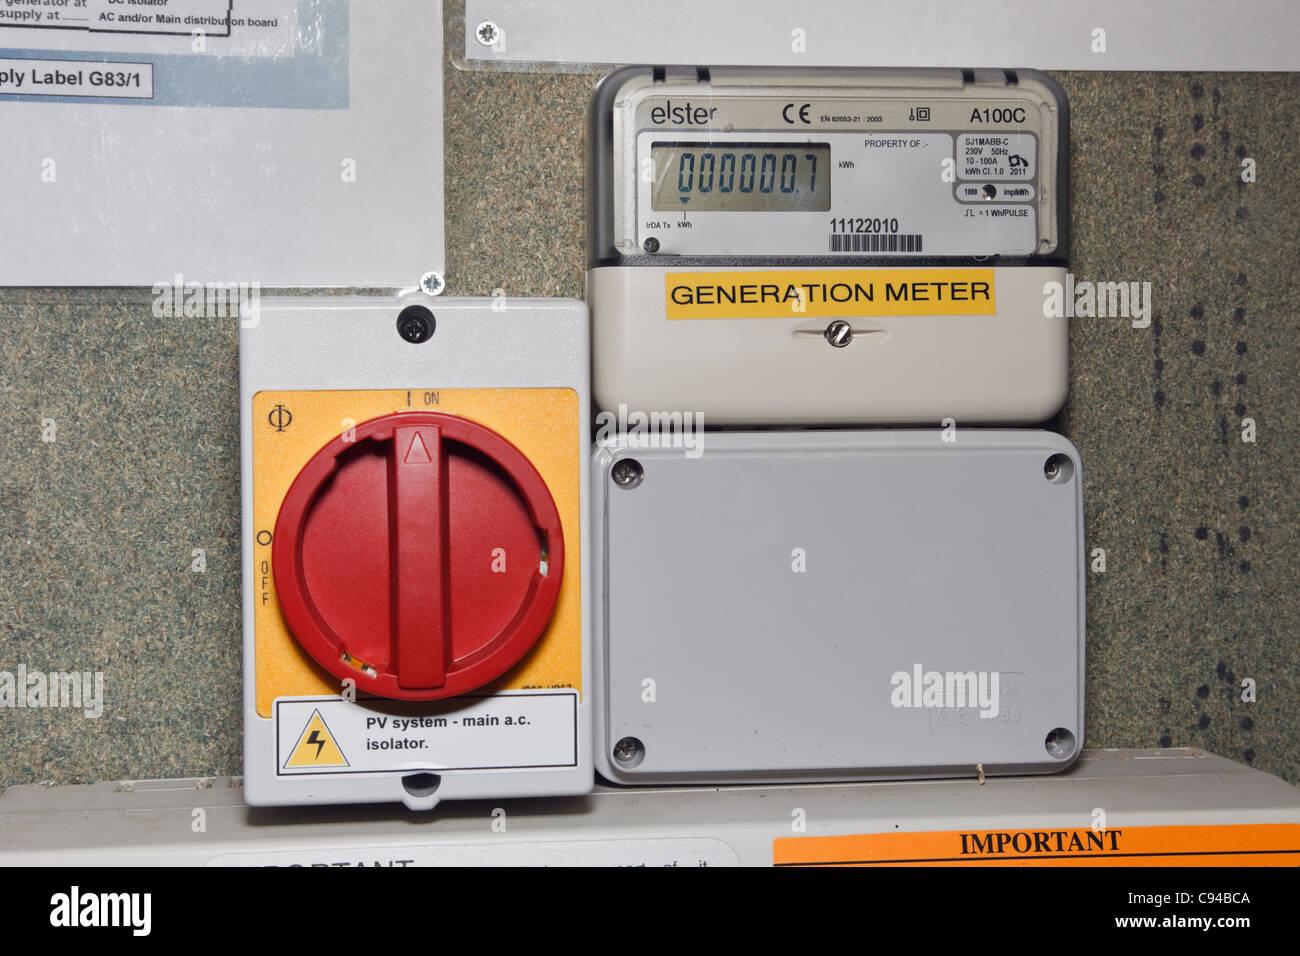 PV-Isolation-Schalter und neuen inländischen Generation m Anzahl der Einheiten der Strom aus Solarzellen aufzeichnen Stockbild